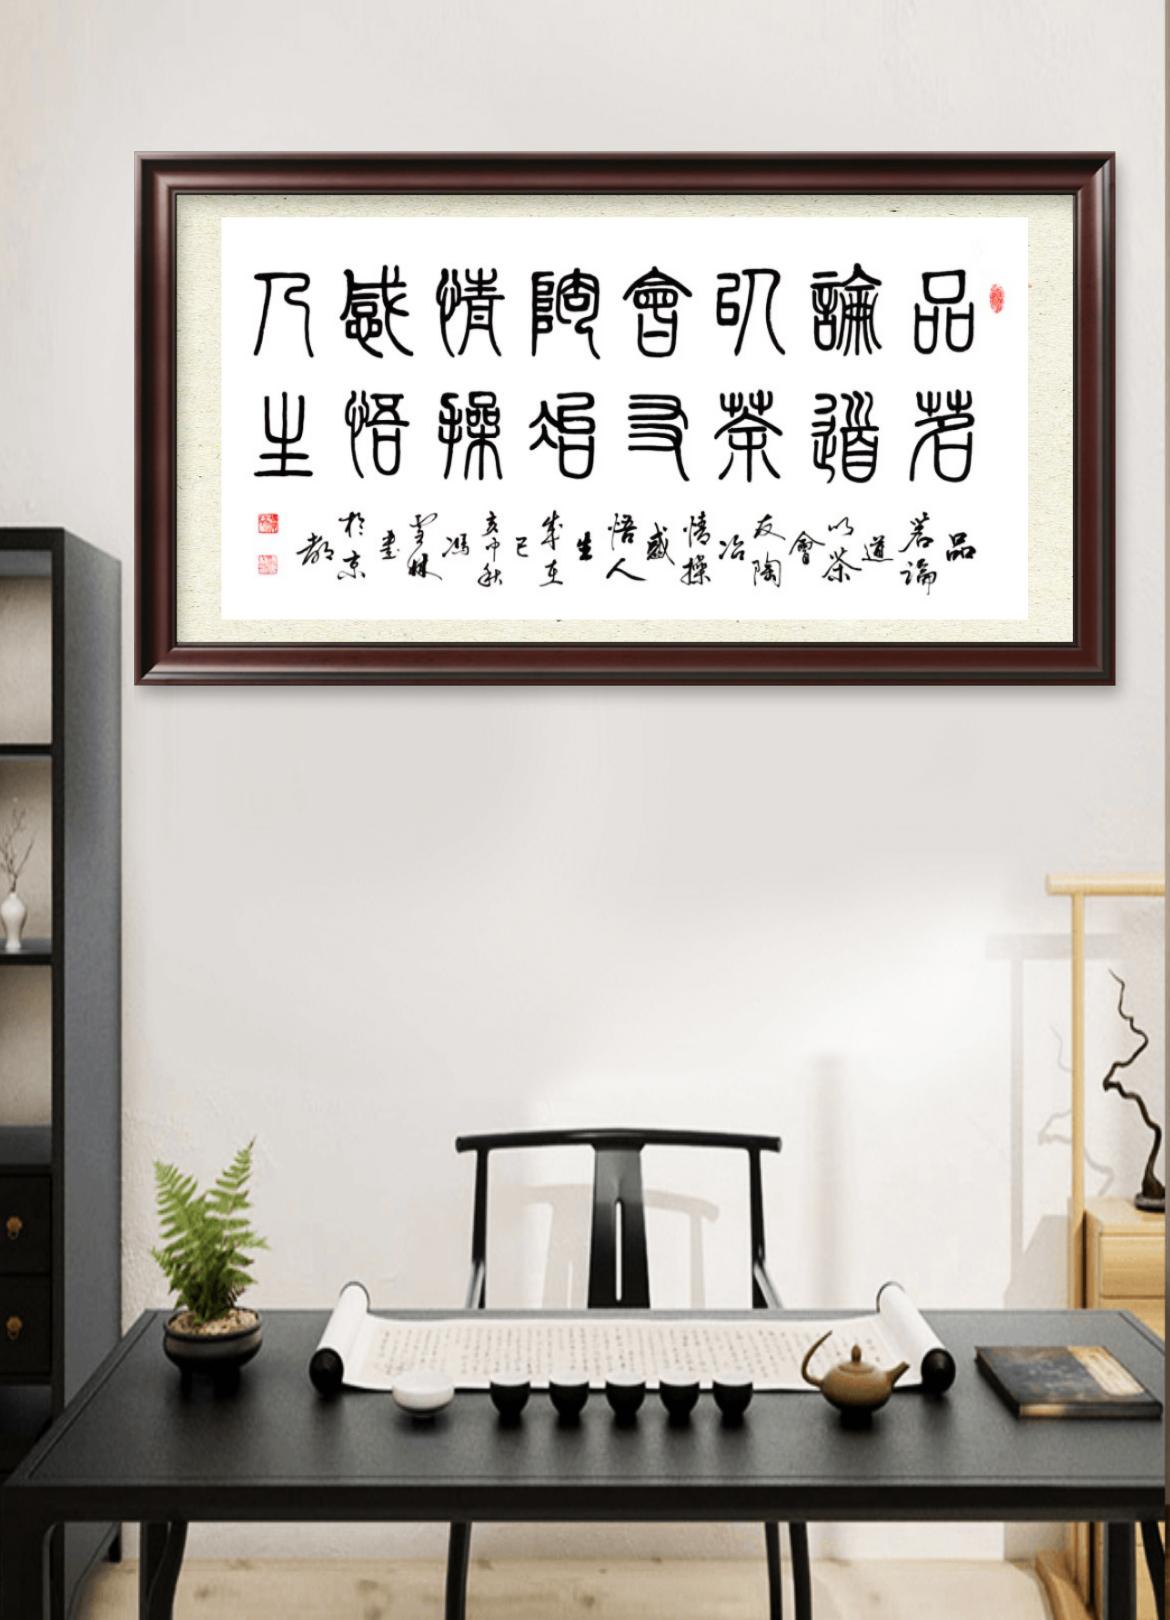 品茗论道以茶会友陶冶情操感悟人生_书法字画悬挂场景